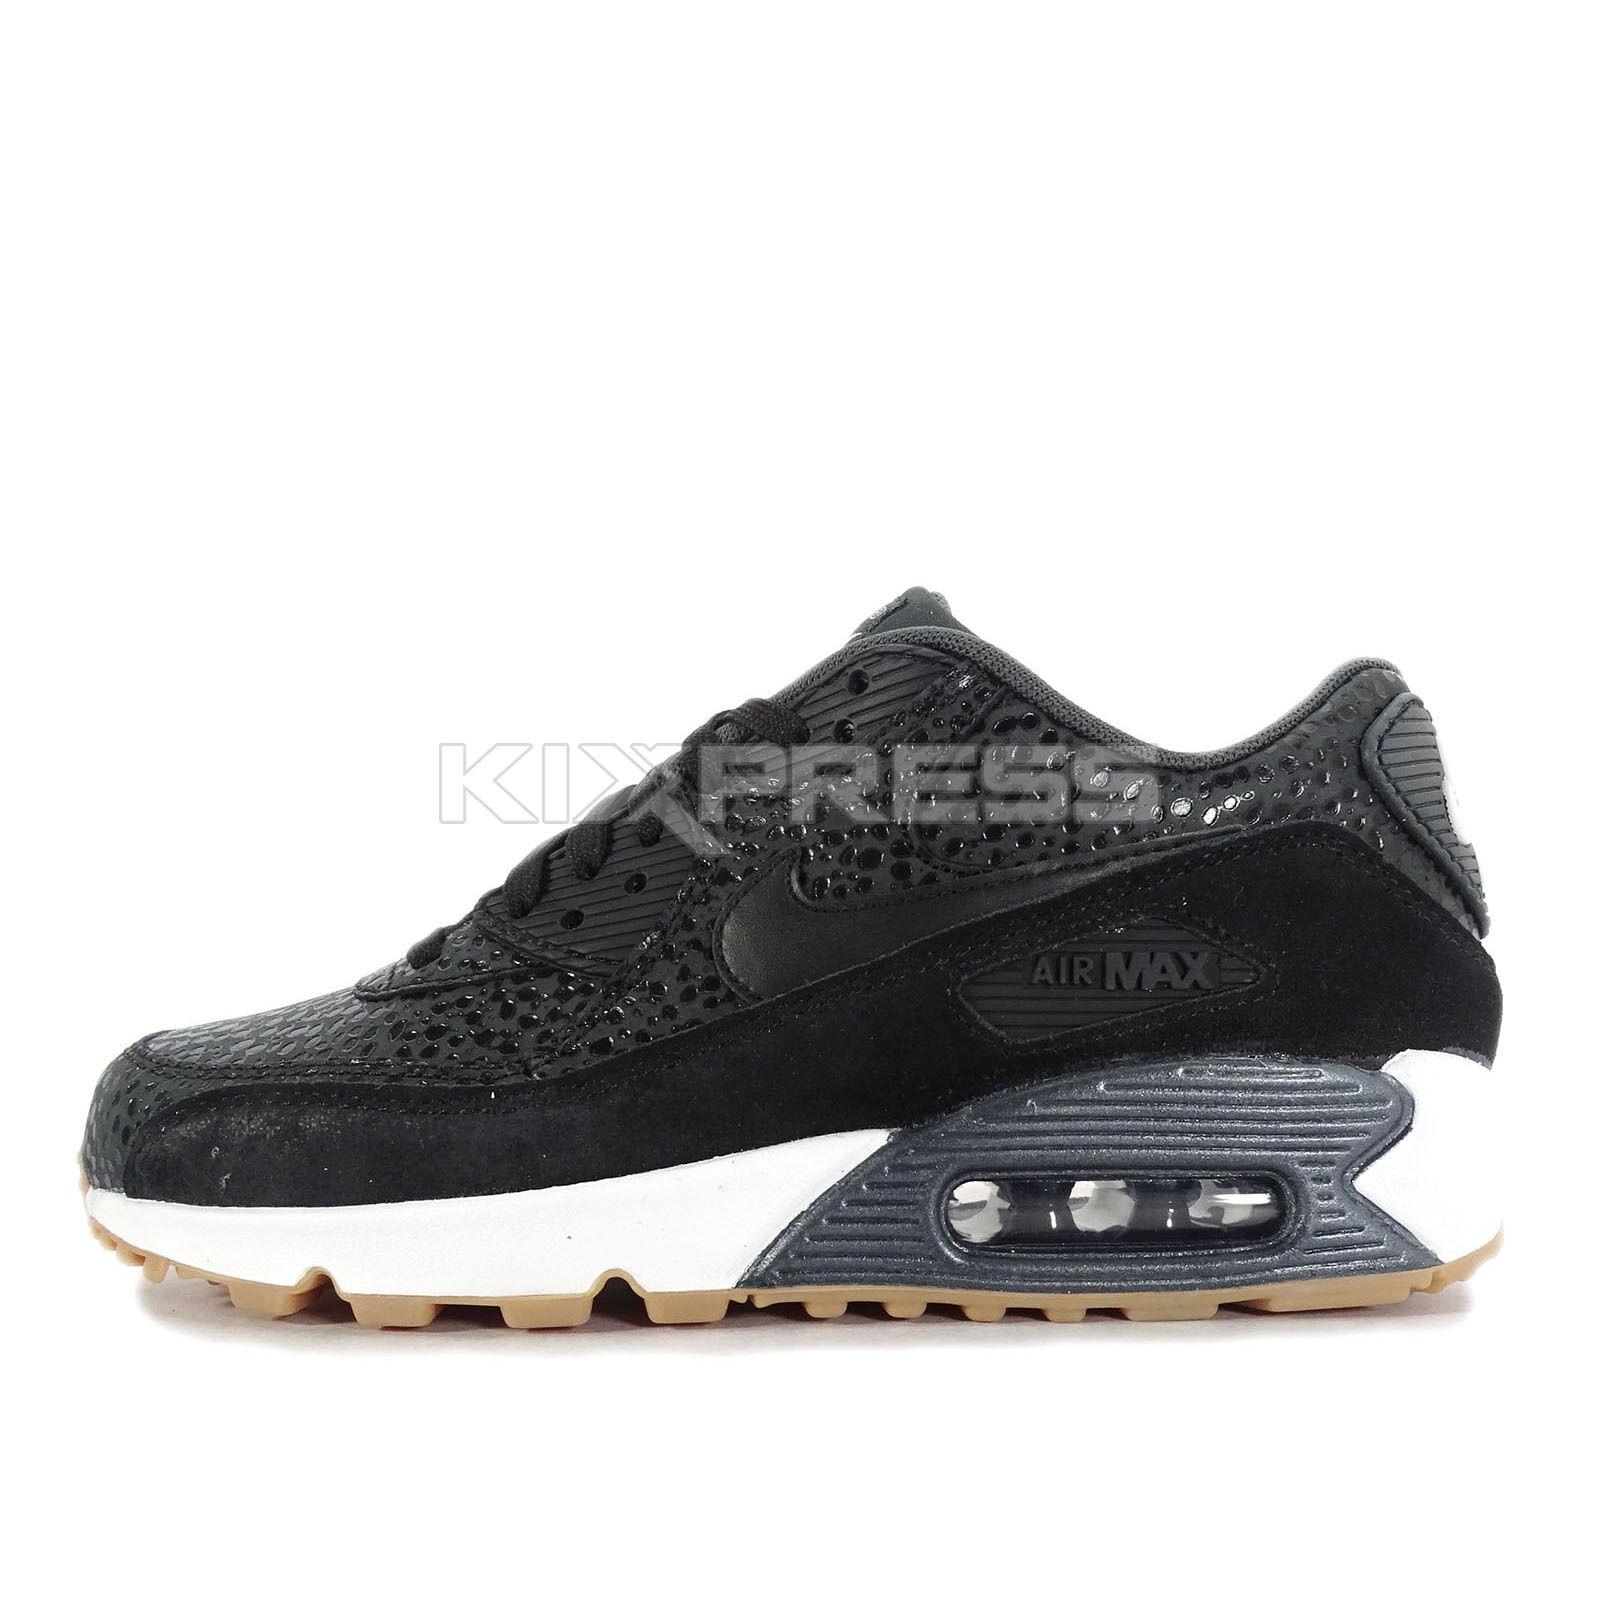 Nike WMNS Air Max 90 PRM [443817-006] NSW Running Safari Black/White-Gum